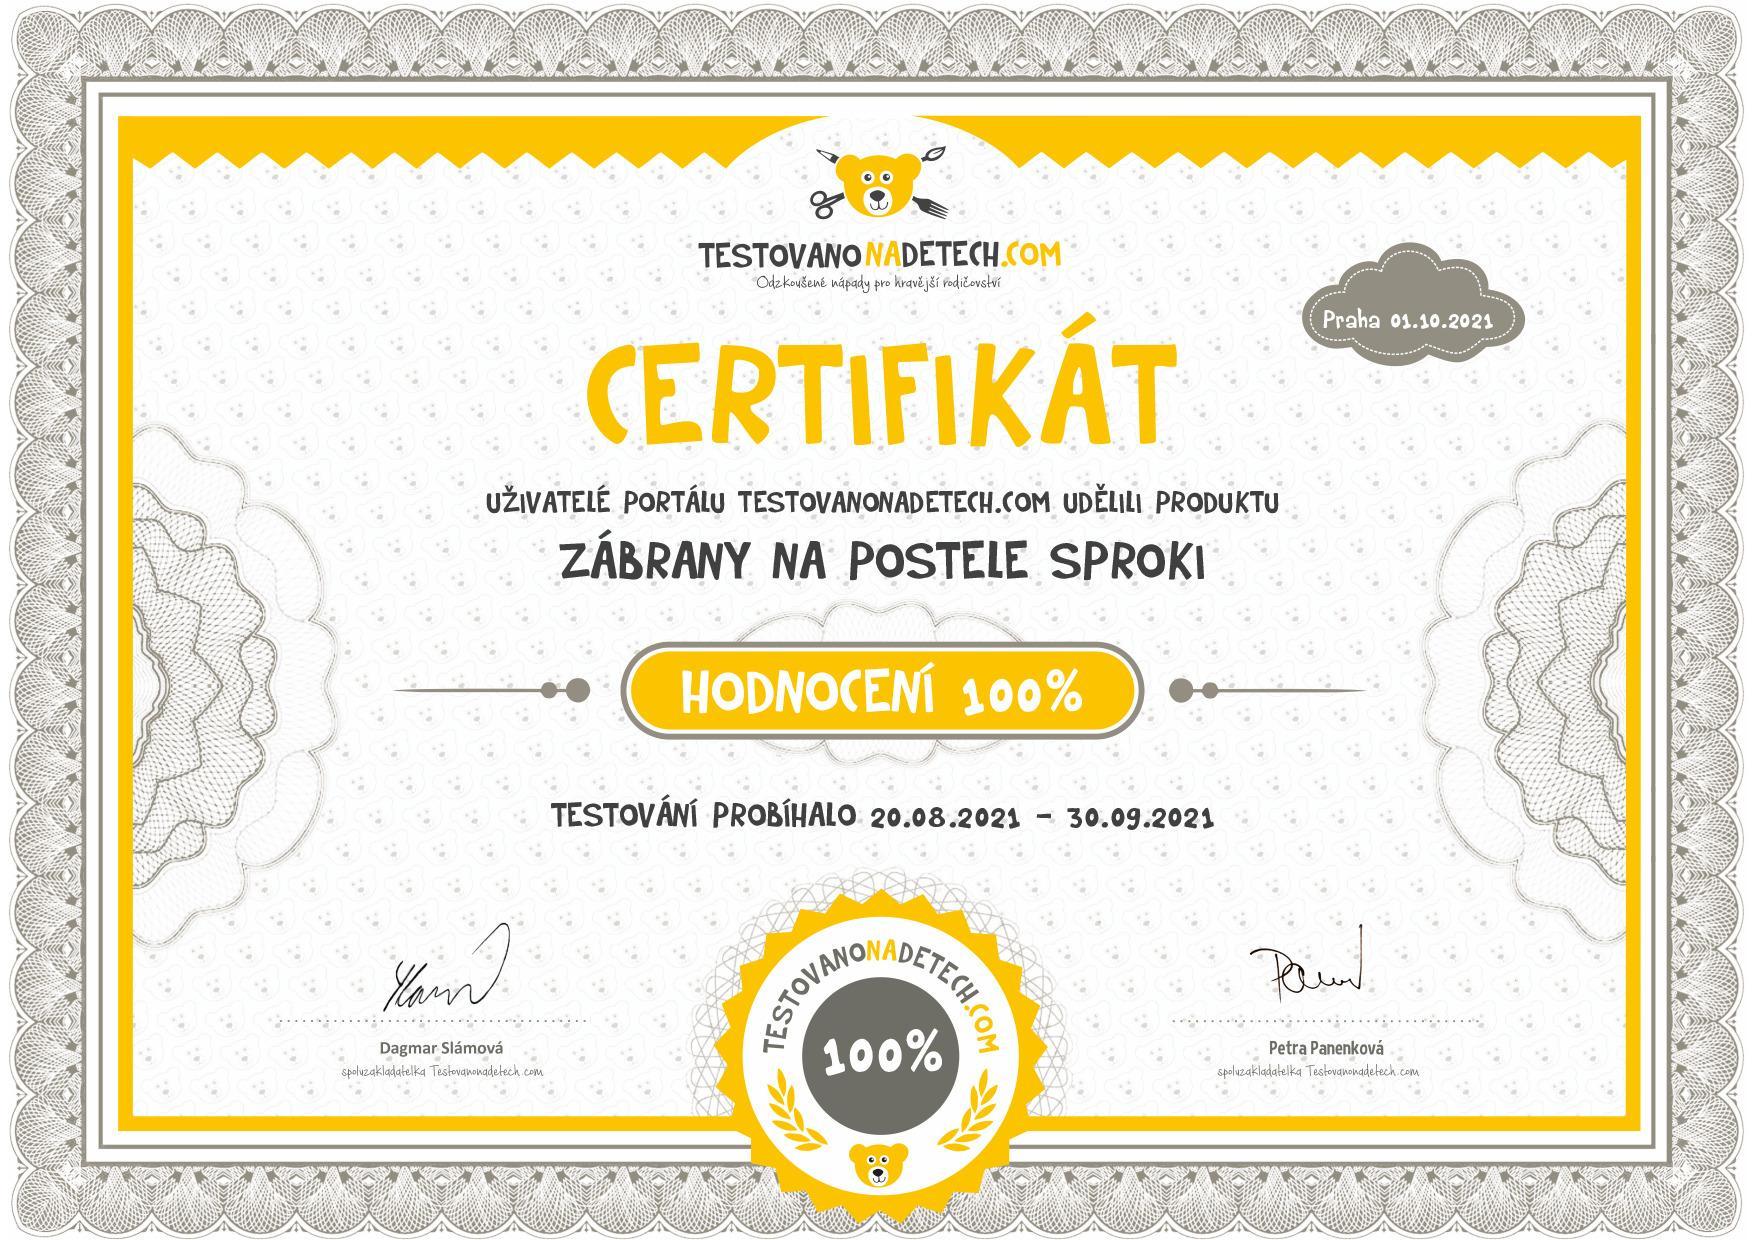 Certifikat_Sproki